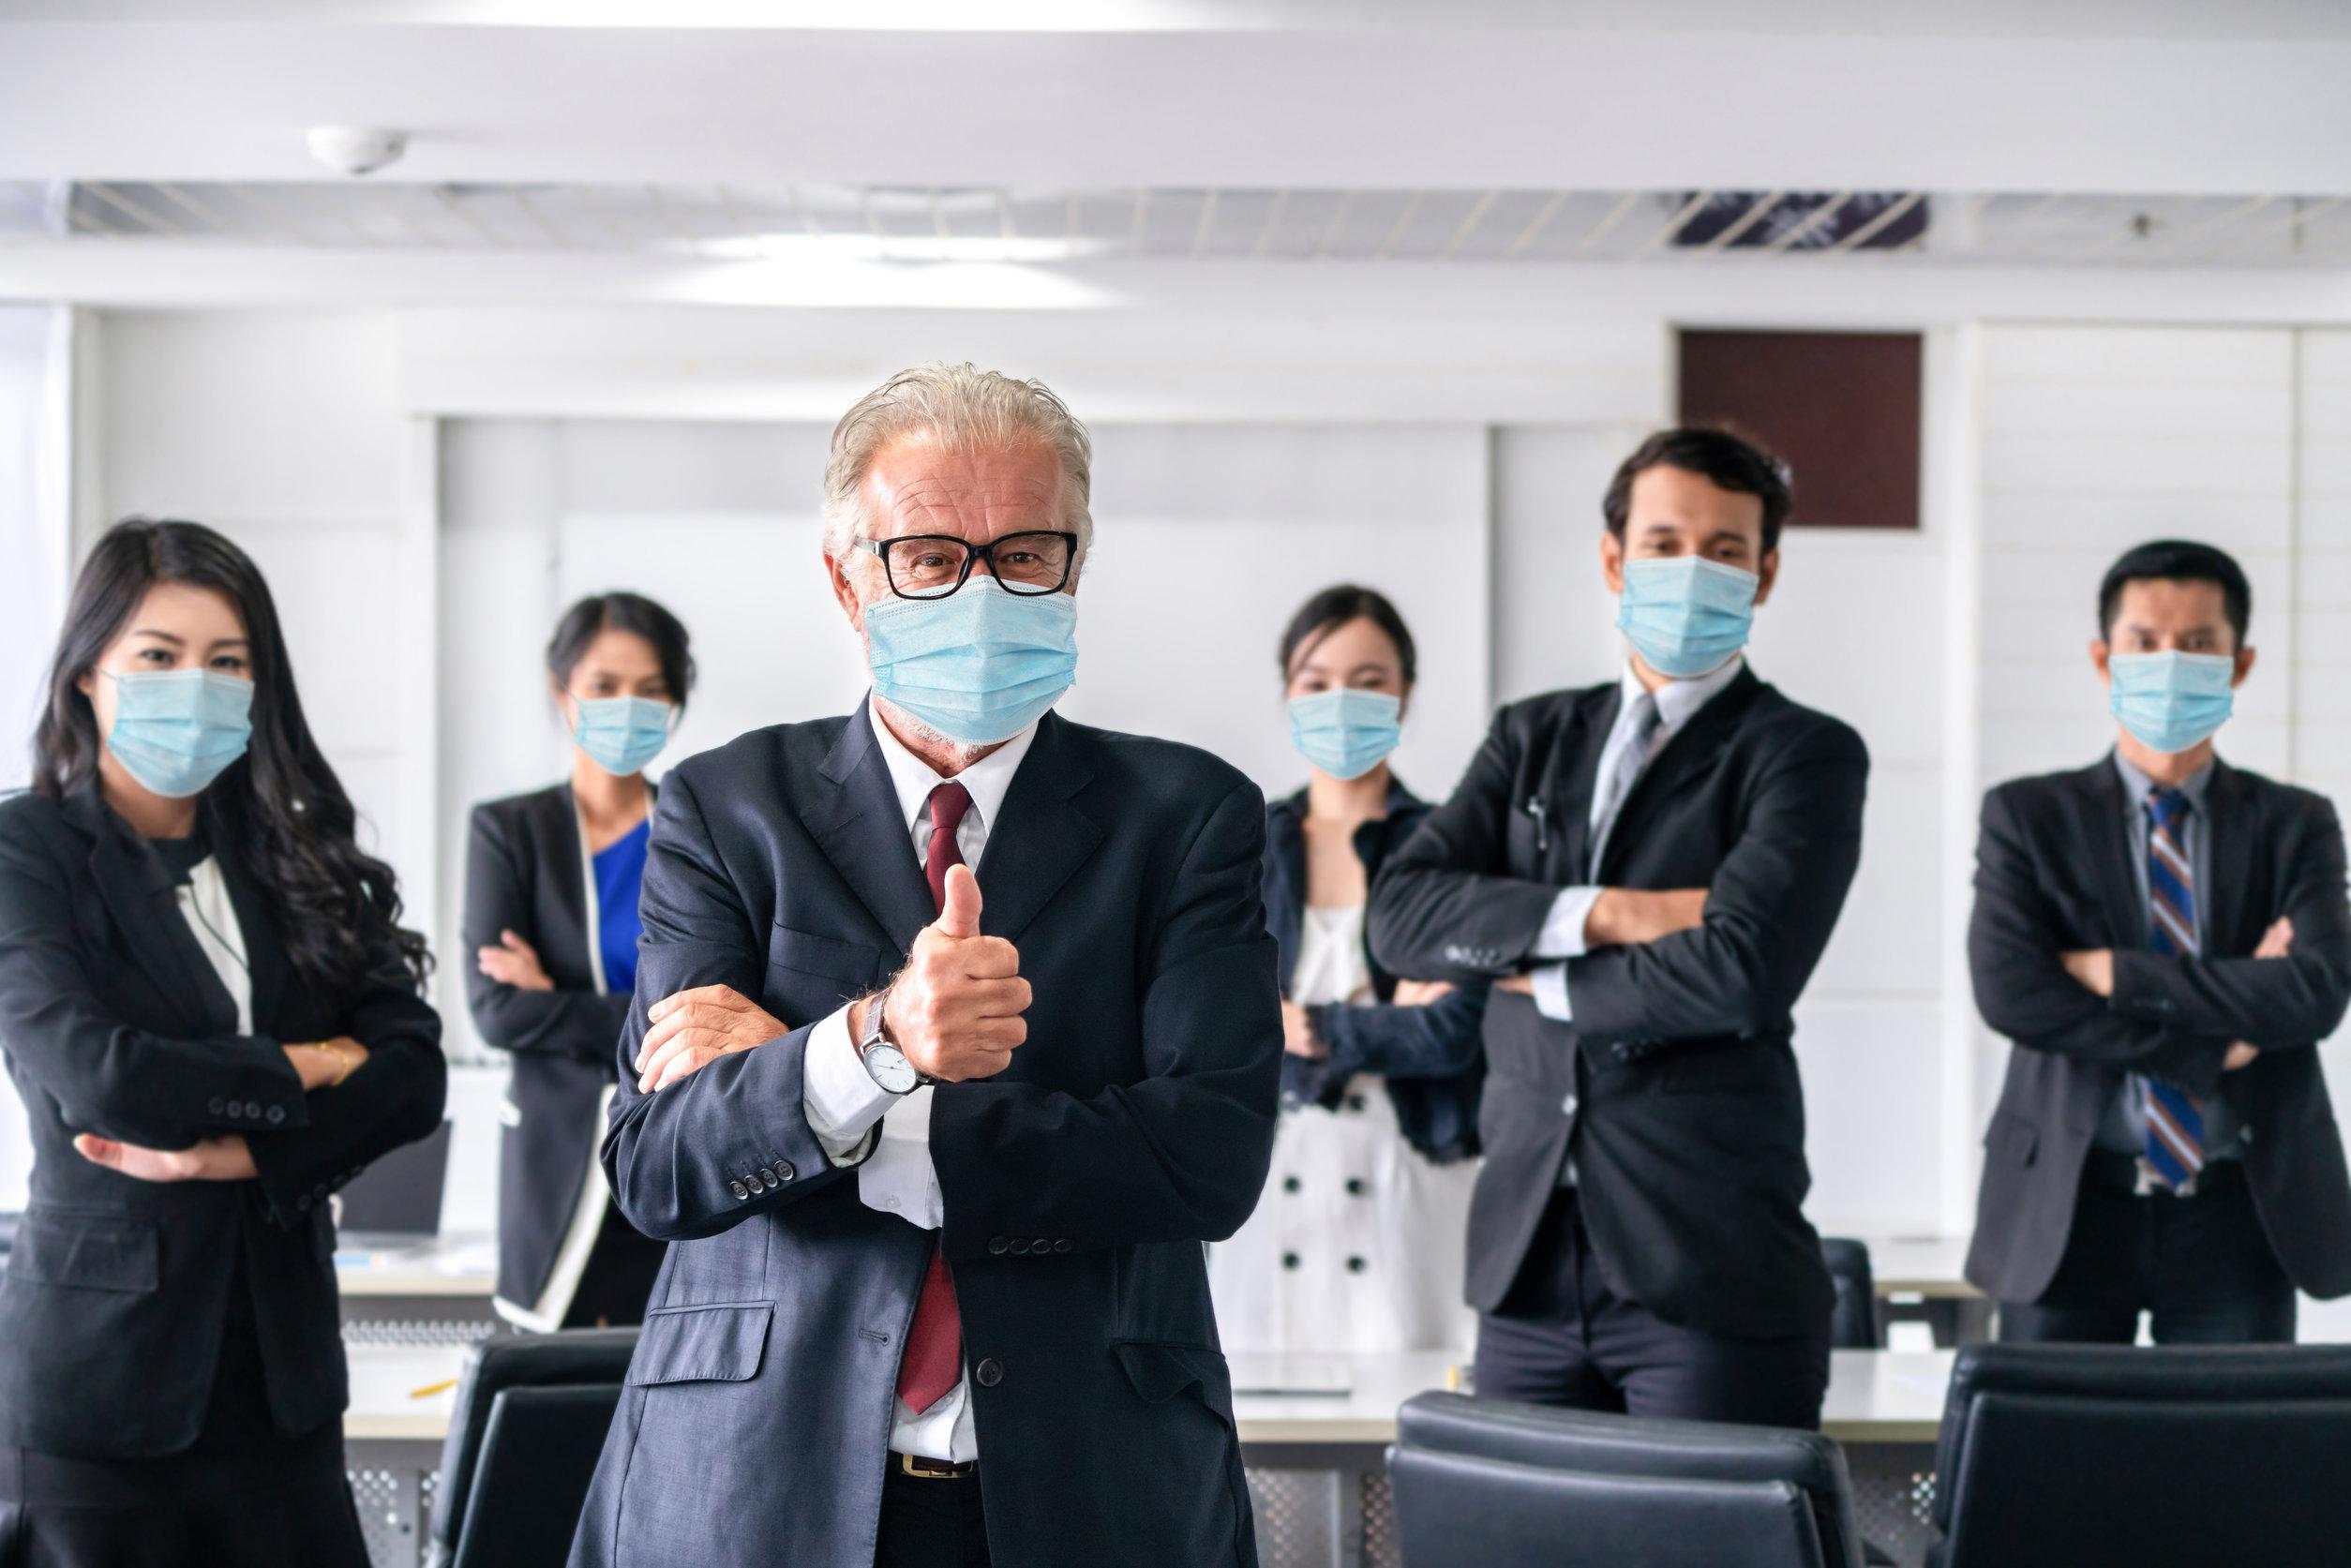 Afbeelding blog Mijn werkgever heeft een vaccinatieplicht ingesteld; is dit toegestaan?